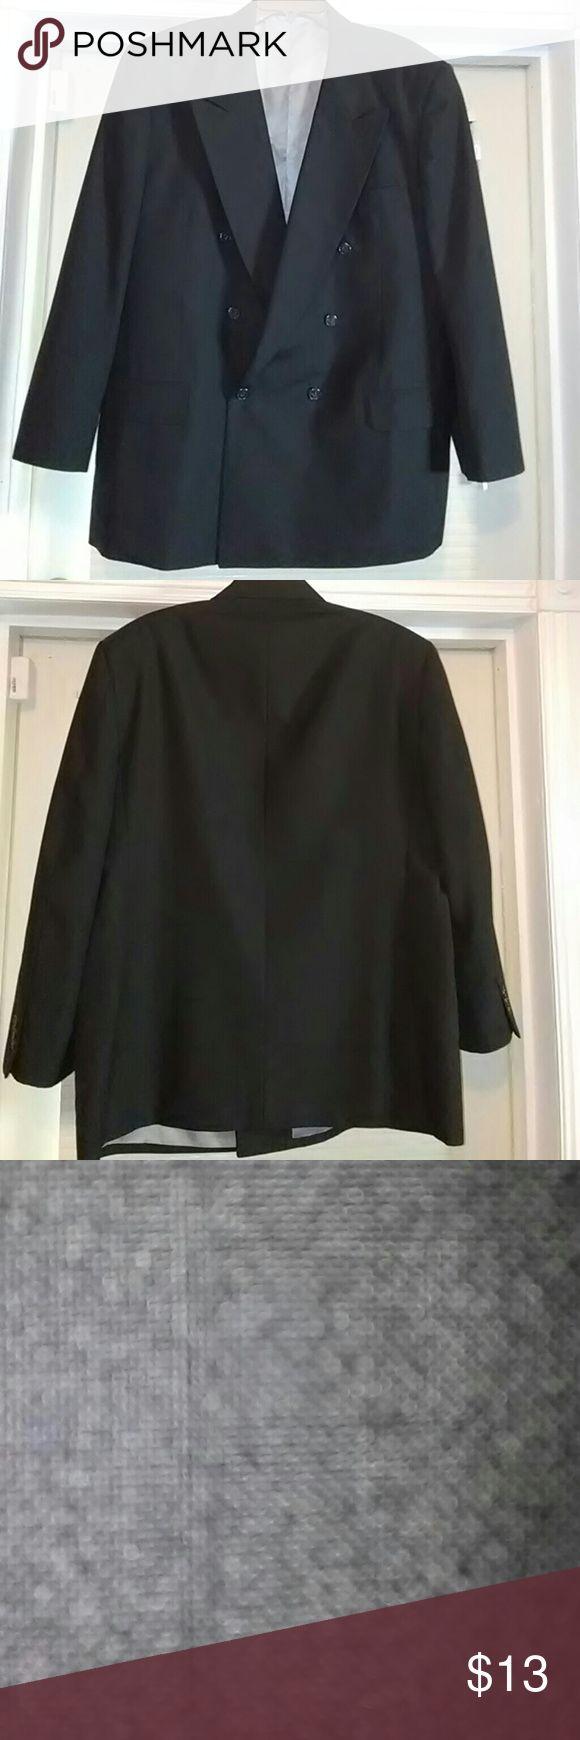 Men black suit jacket 46R Men black suit jacket Petrocelli Suits & Blazers Sport Coats & Blazers